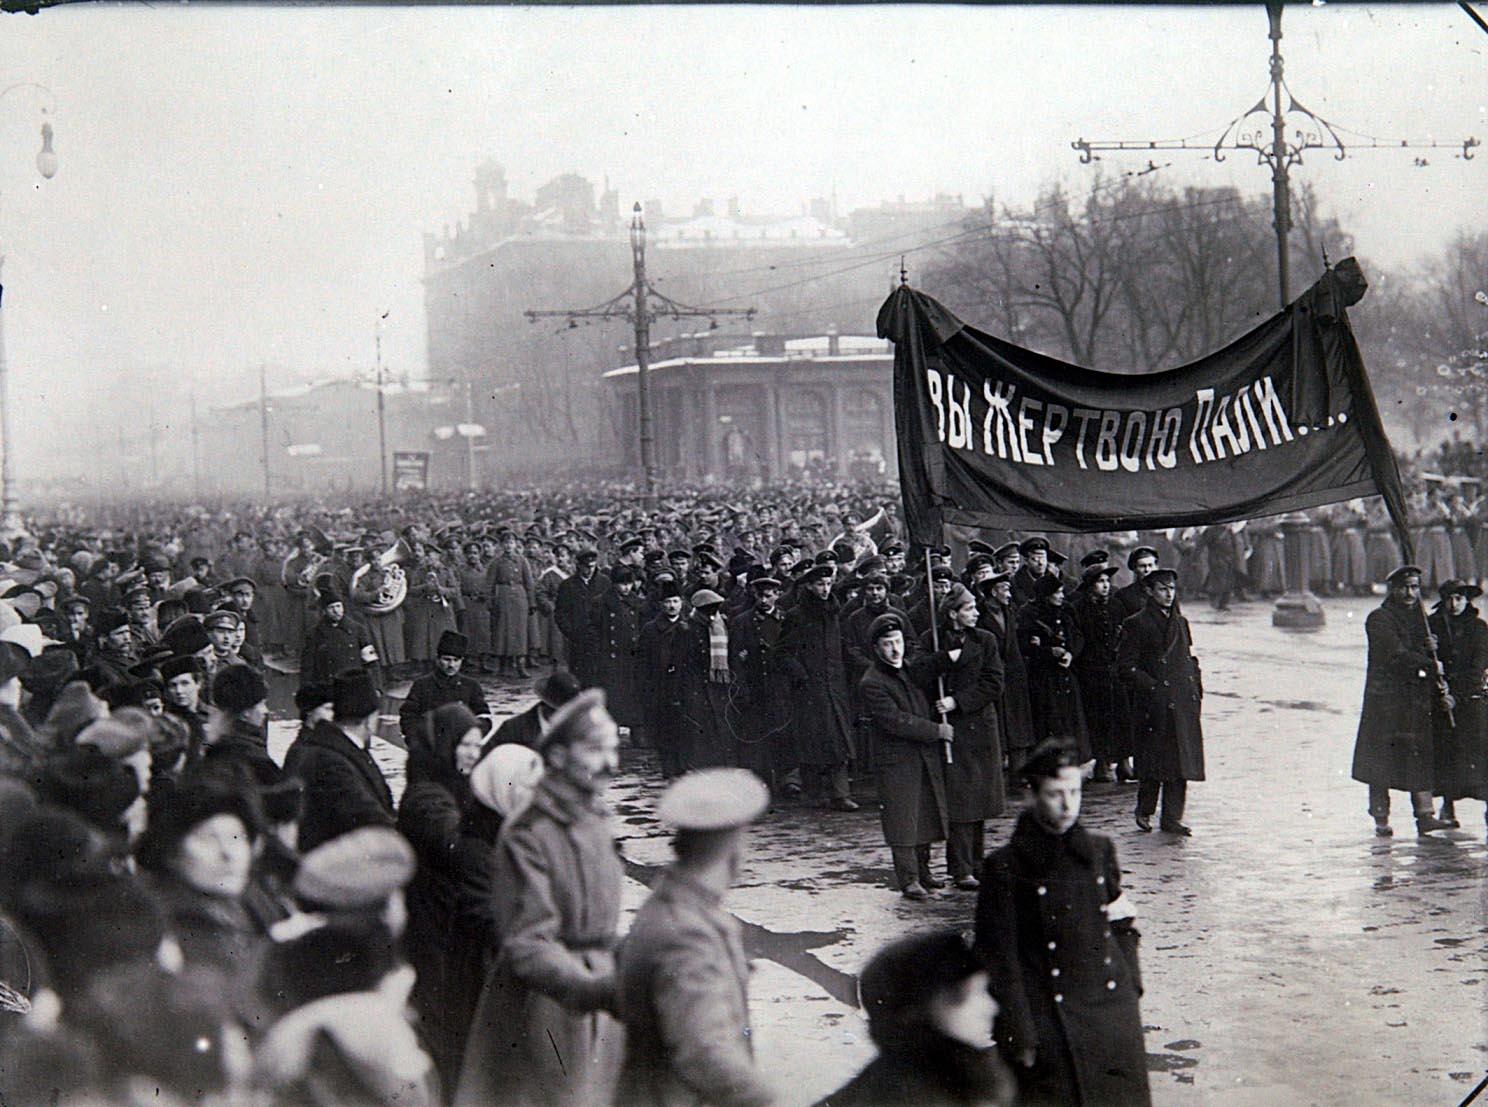 17Траурная процессия во время похорон жертв Февральской революции на одной из улиц города